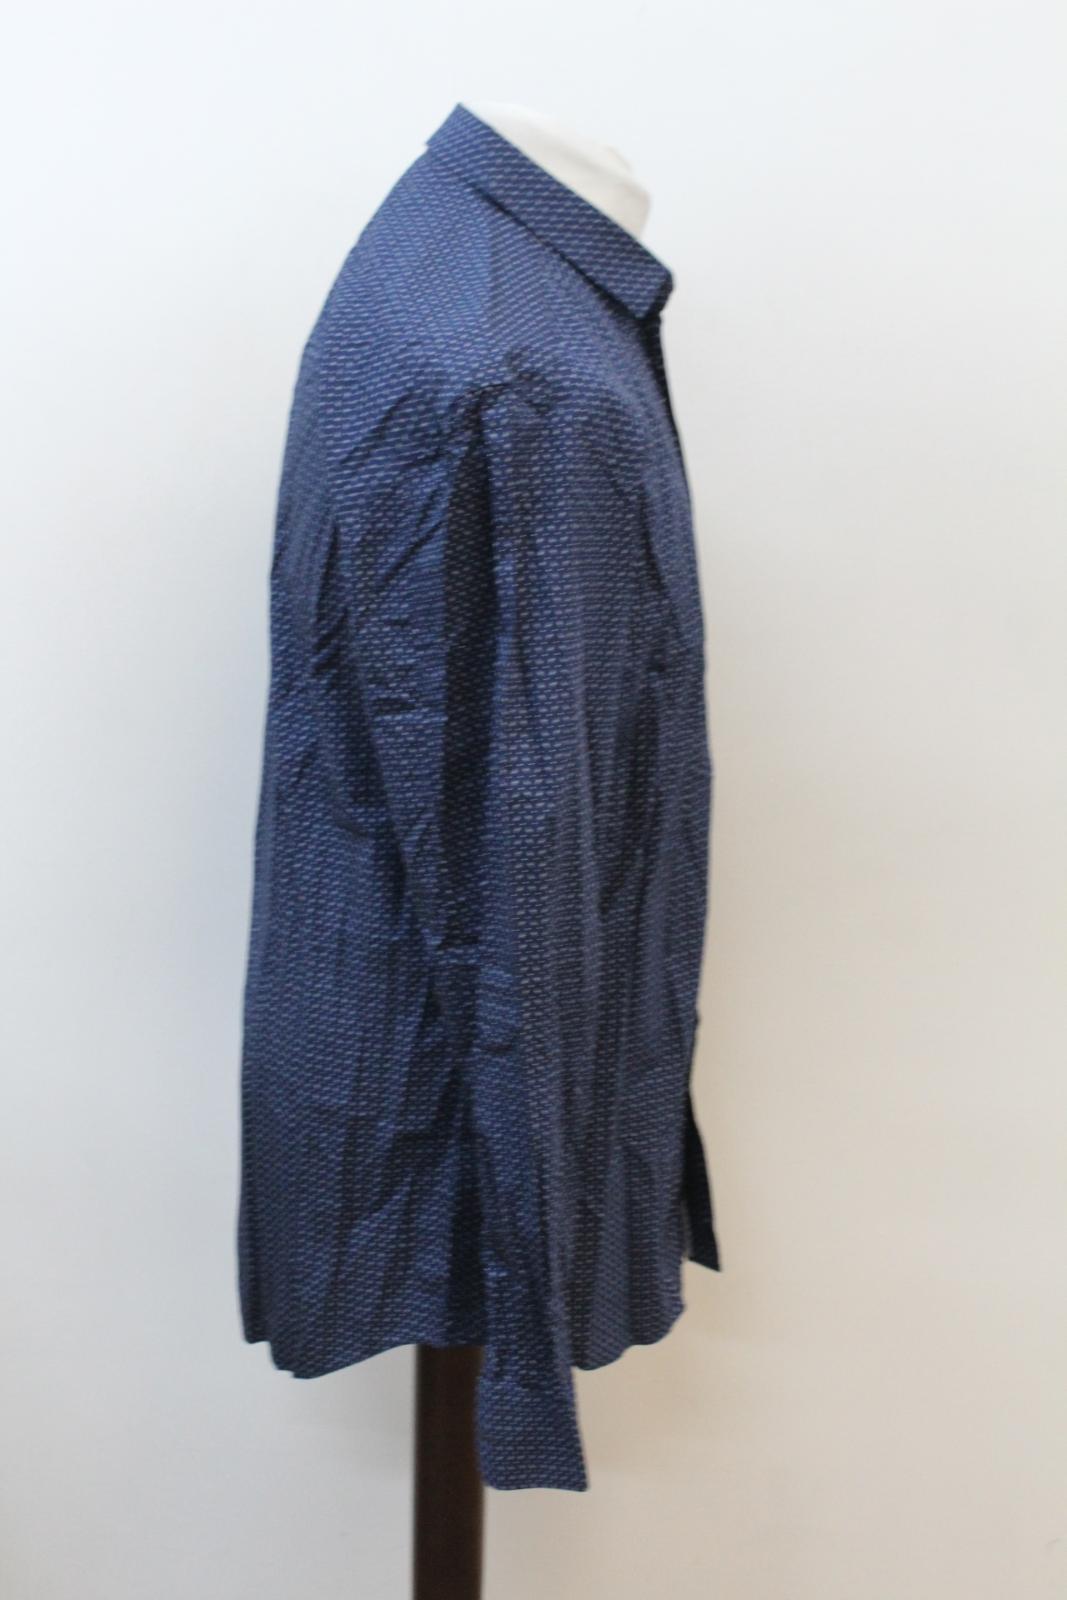 NEIL-BARRETT-Men-039-s-Navy-Blue-Paisley-Slim-Fit-Formal-Shirt-Collar-16-5-034-42cm miniatura 4